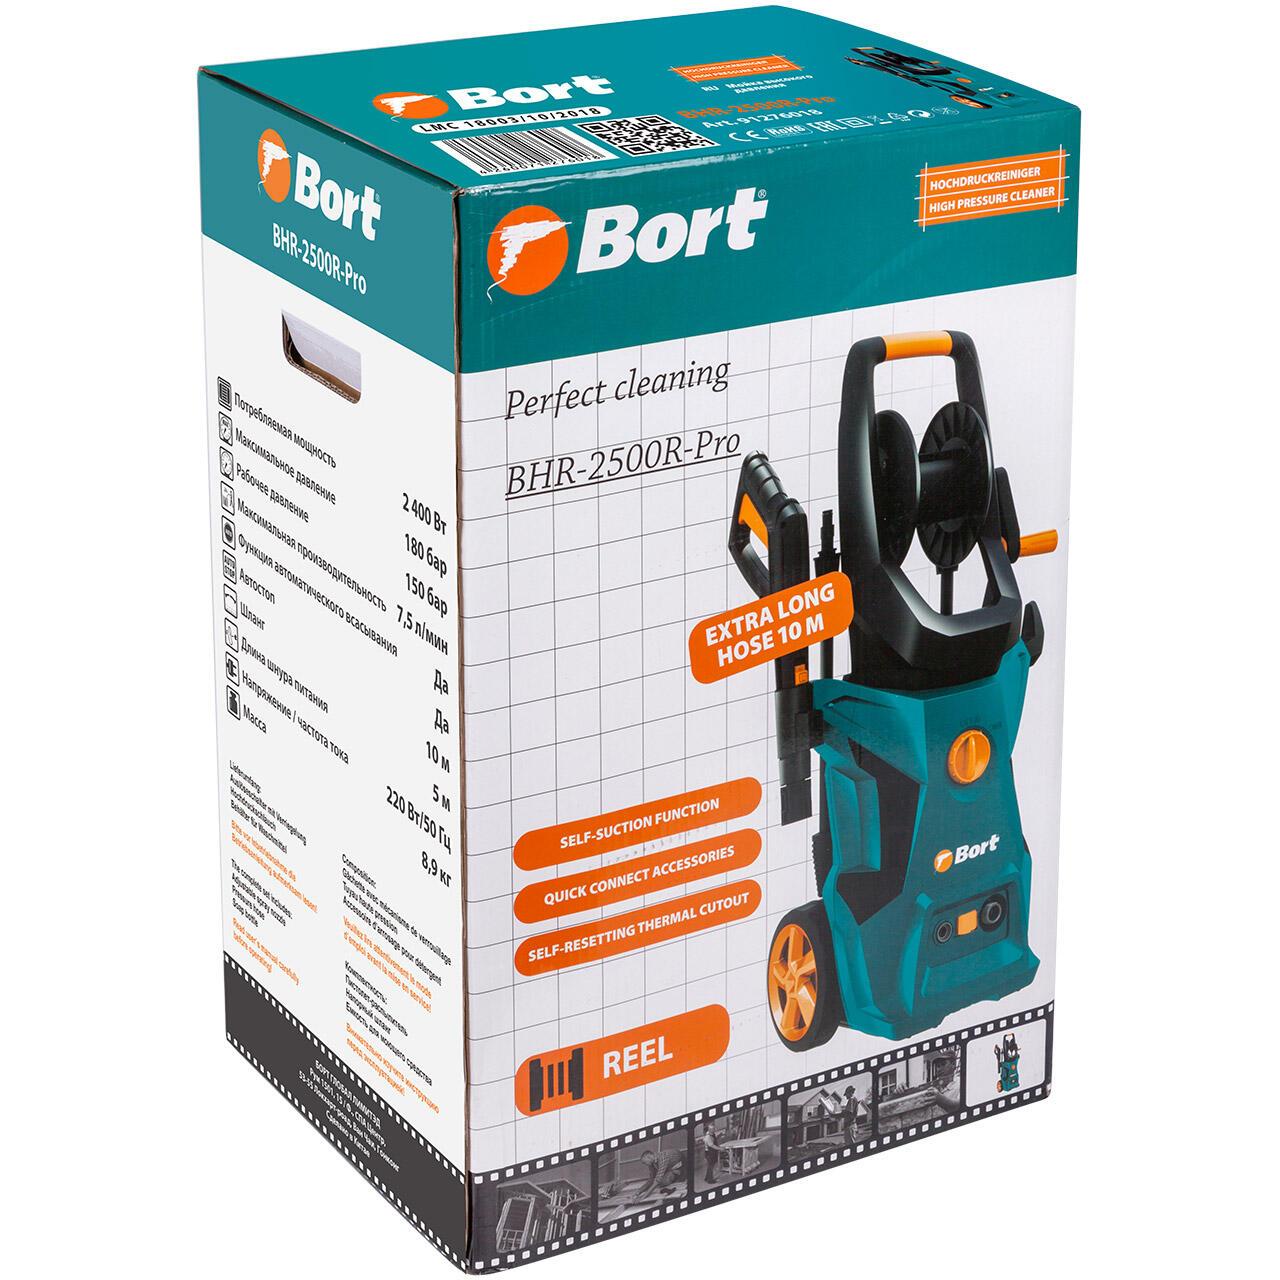 Минимойка Bort BHR-2000-Pro (91276070) - eldorado.ru